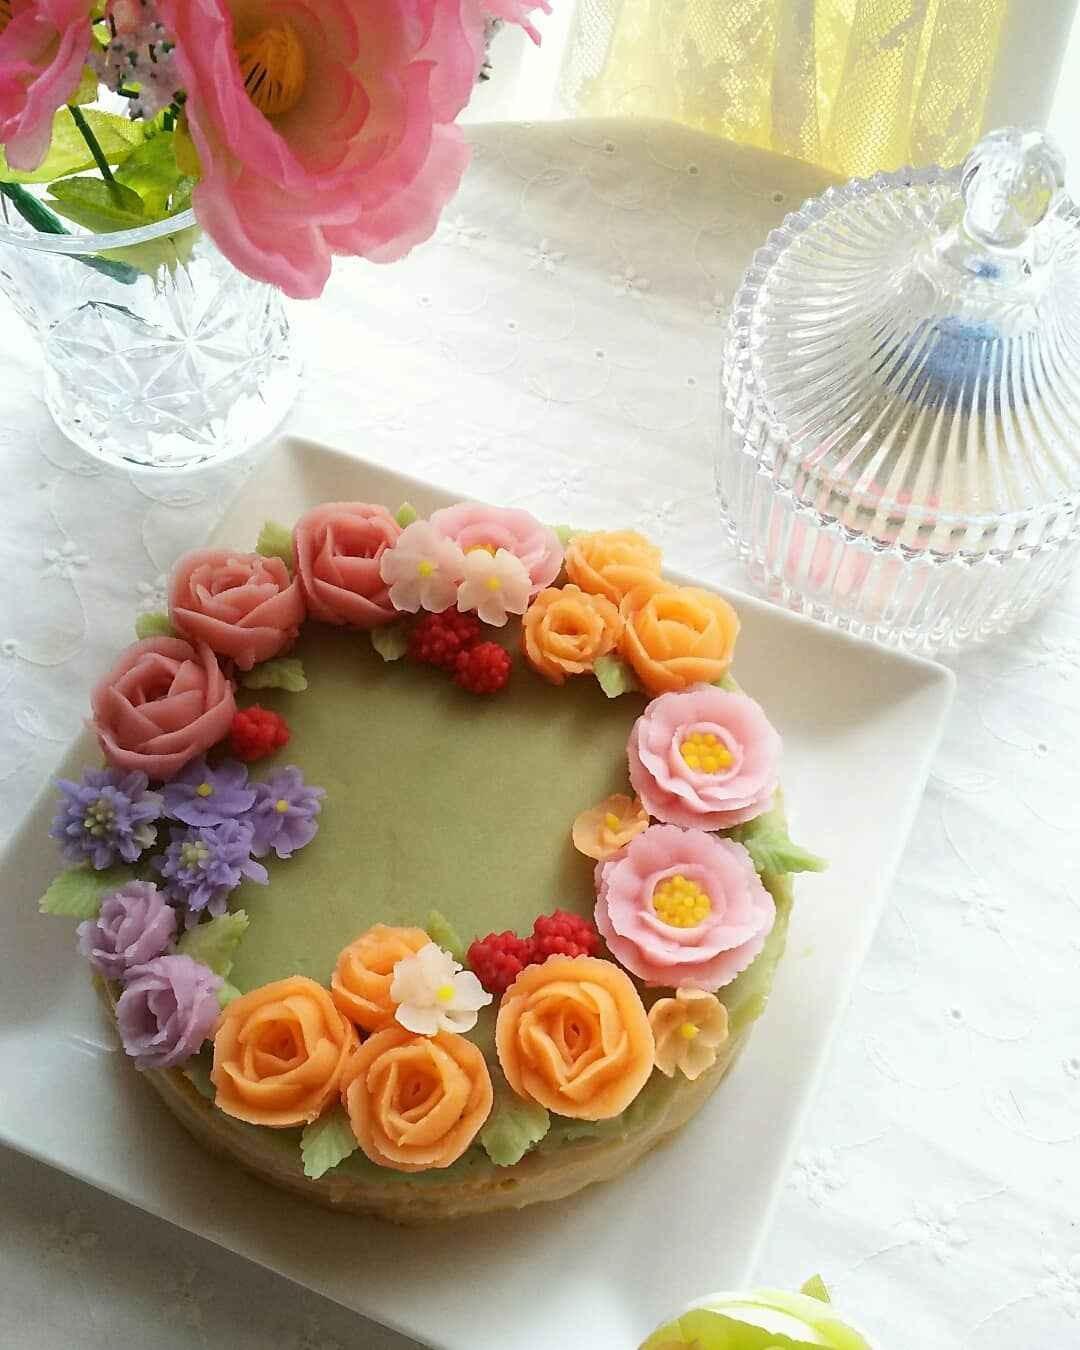 フラワーケーキ&香りのレッスン